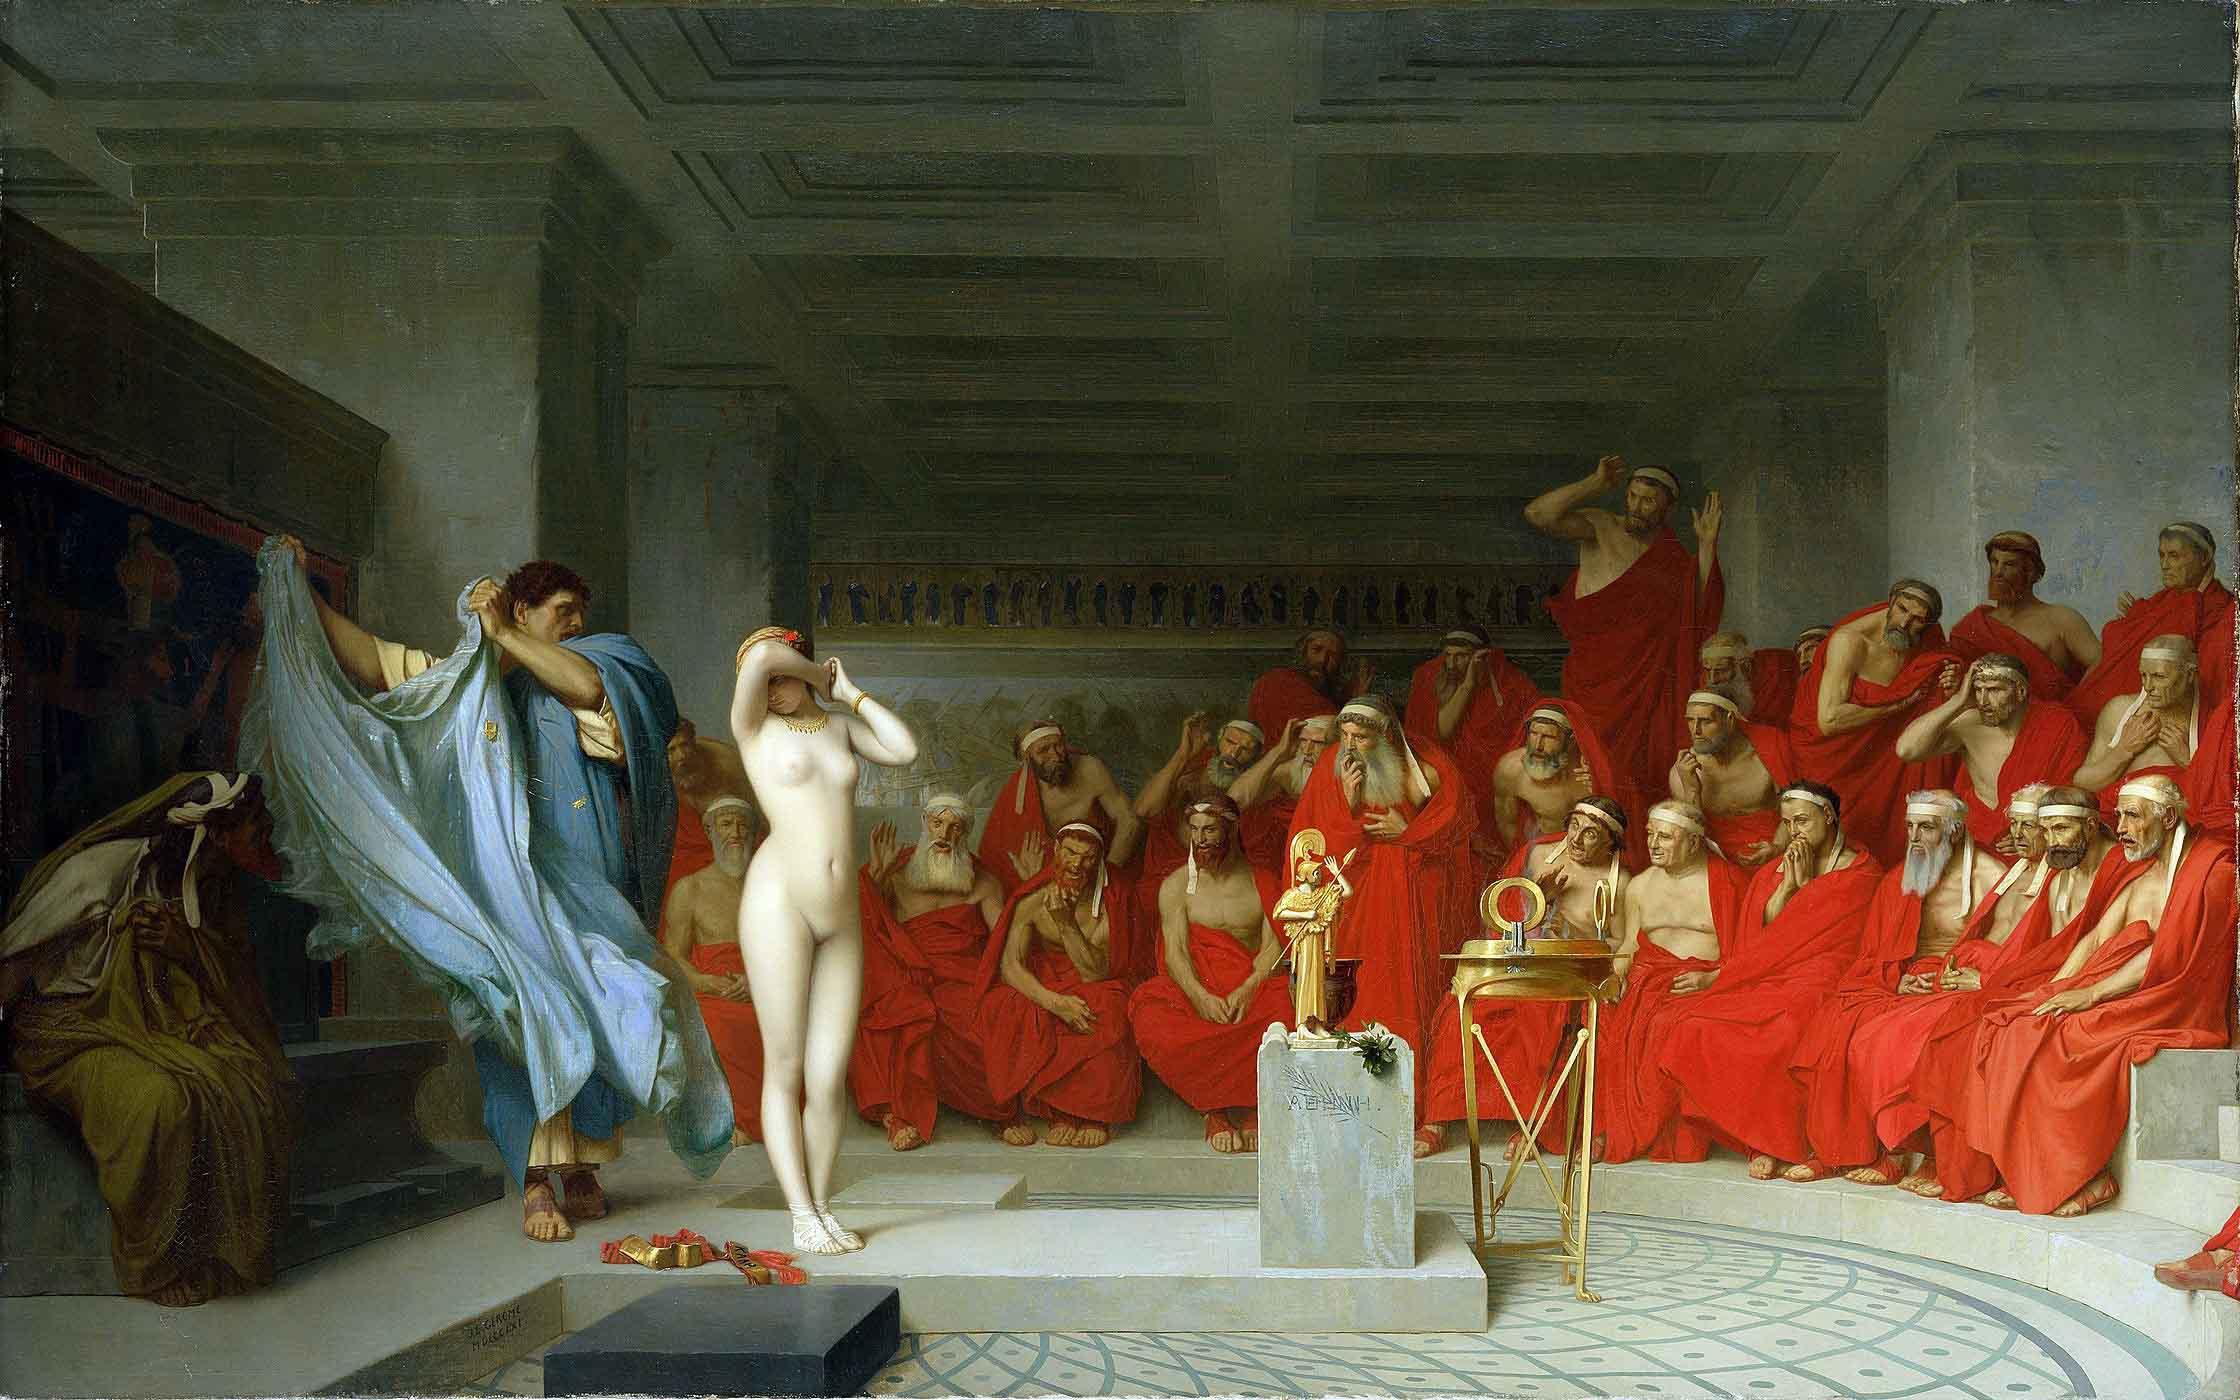 """La más hermosa de las cortesanas griegas, Friné, es desnudada en pleno juicio como parte de su defensa... La obra, """"Friné ante el areópago"""", fue creada en 1861 por el pintor francés Jean-Léon Gérôme ."""